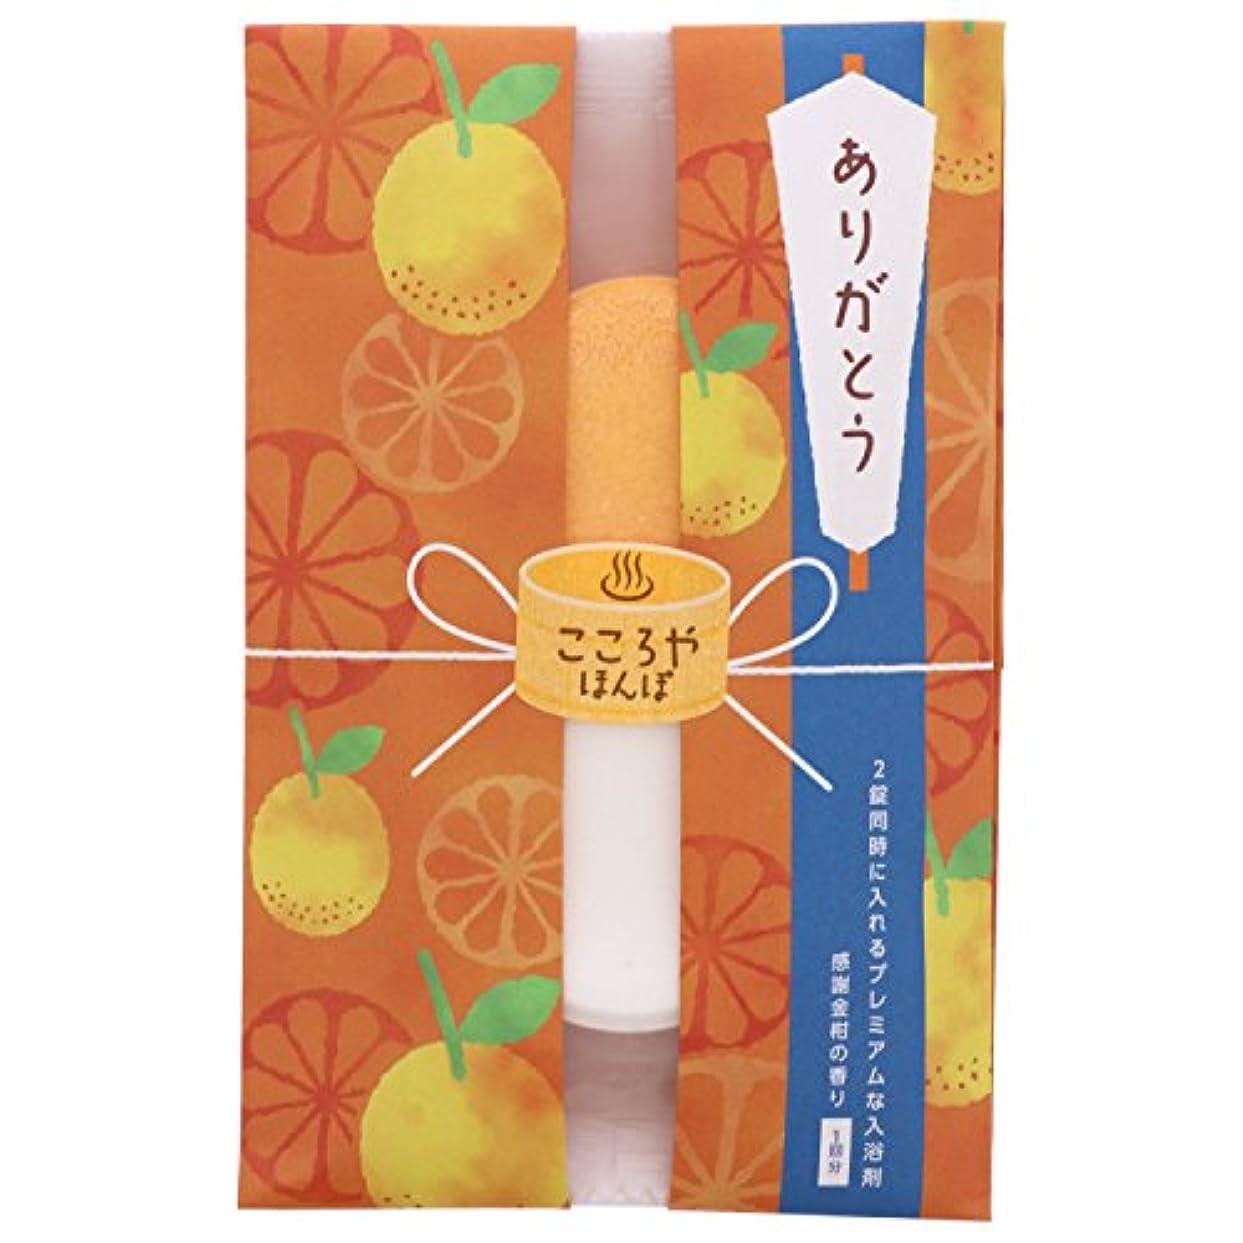 引き付ける悲しいマガジンこころやほんぽ カジュアルギフト 入浴剤 ありがとう 金柑の香り 50g